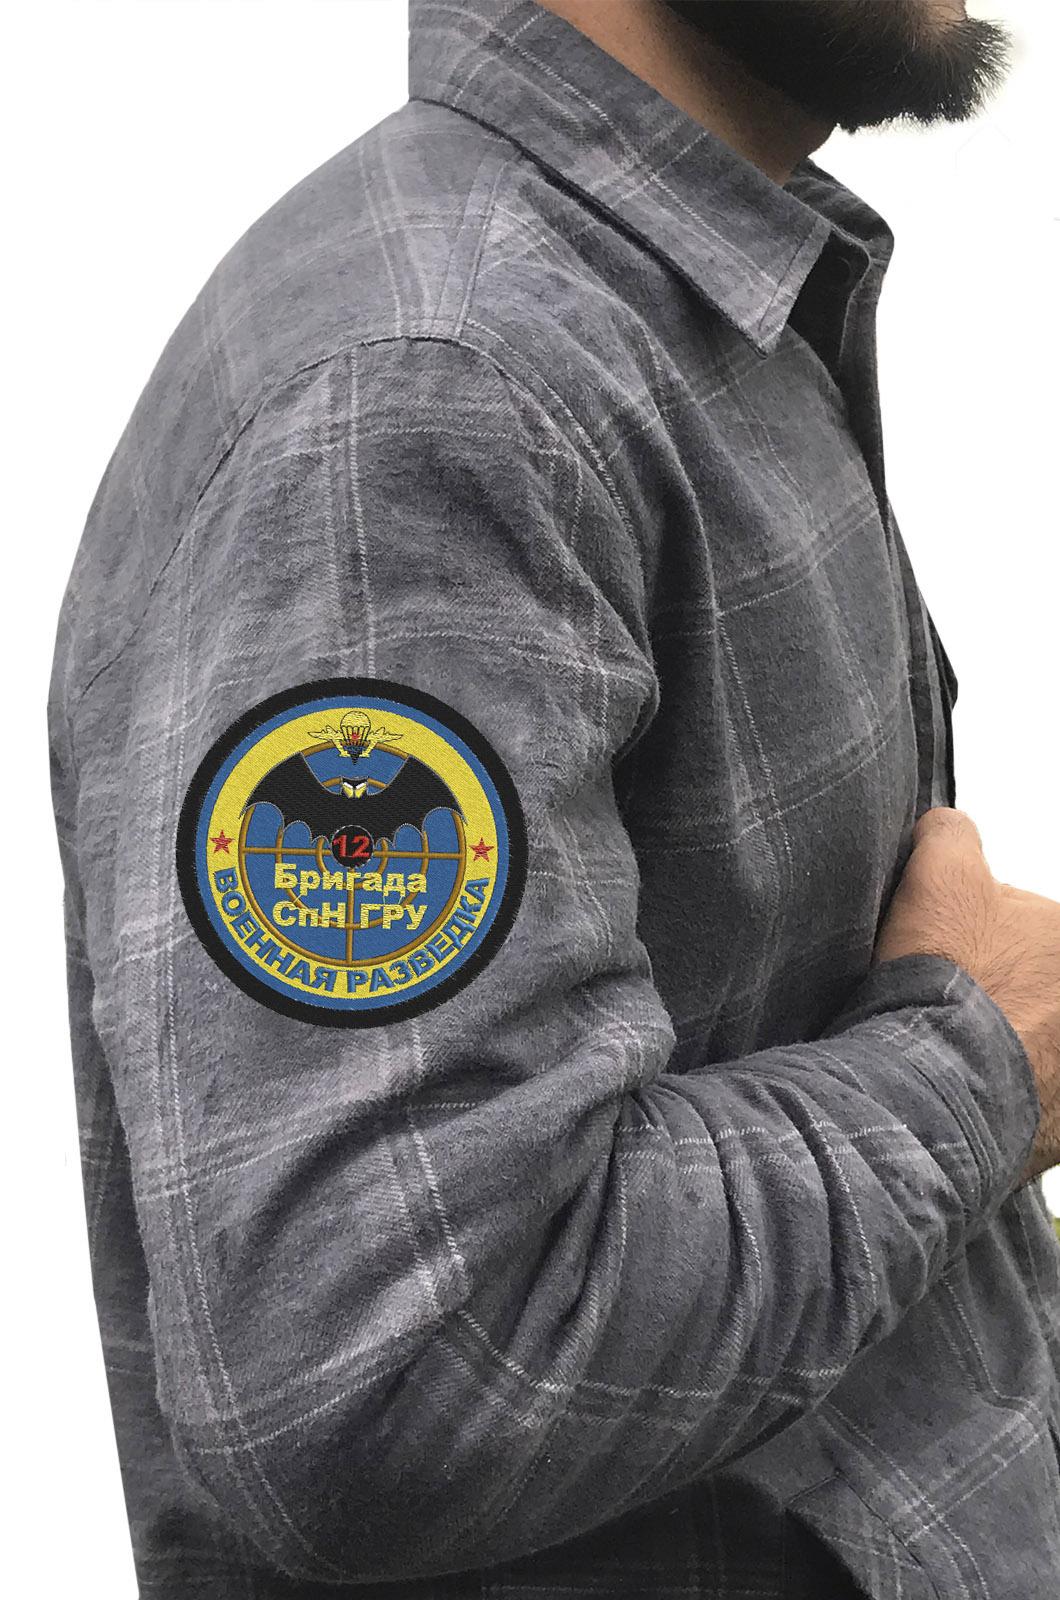 Серая рубашка с нашивкой  ГРУ 12 бригада СпН купить в подарок